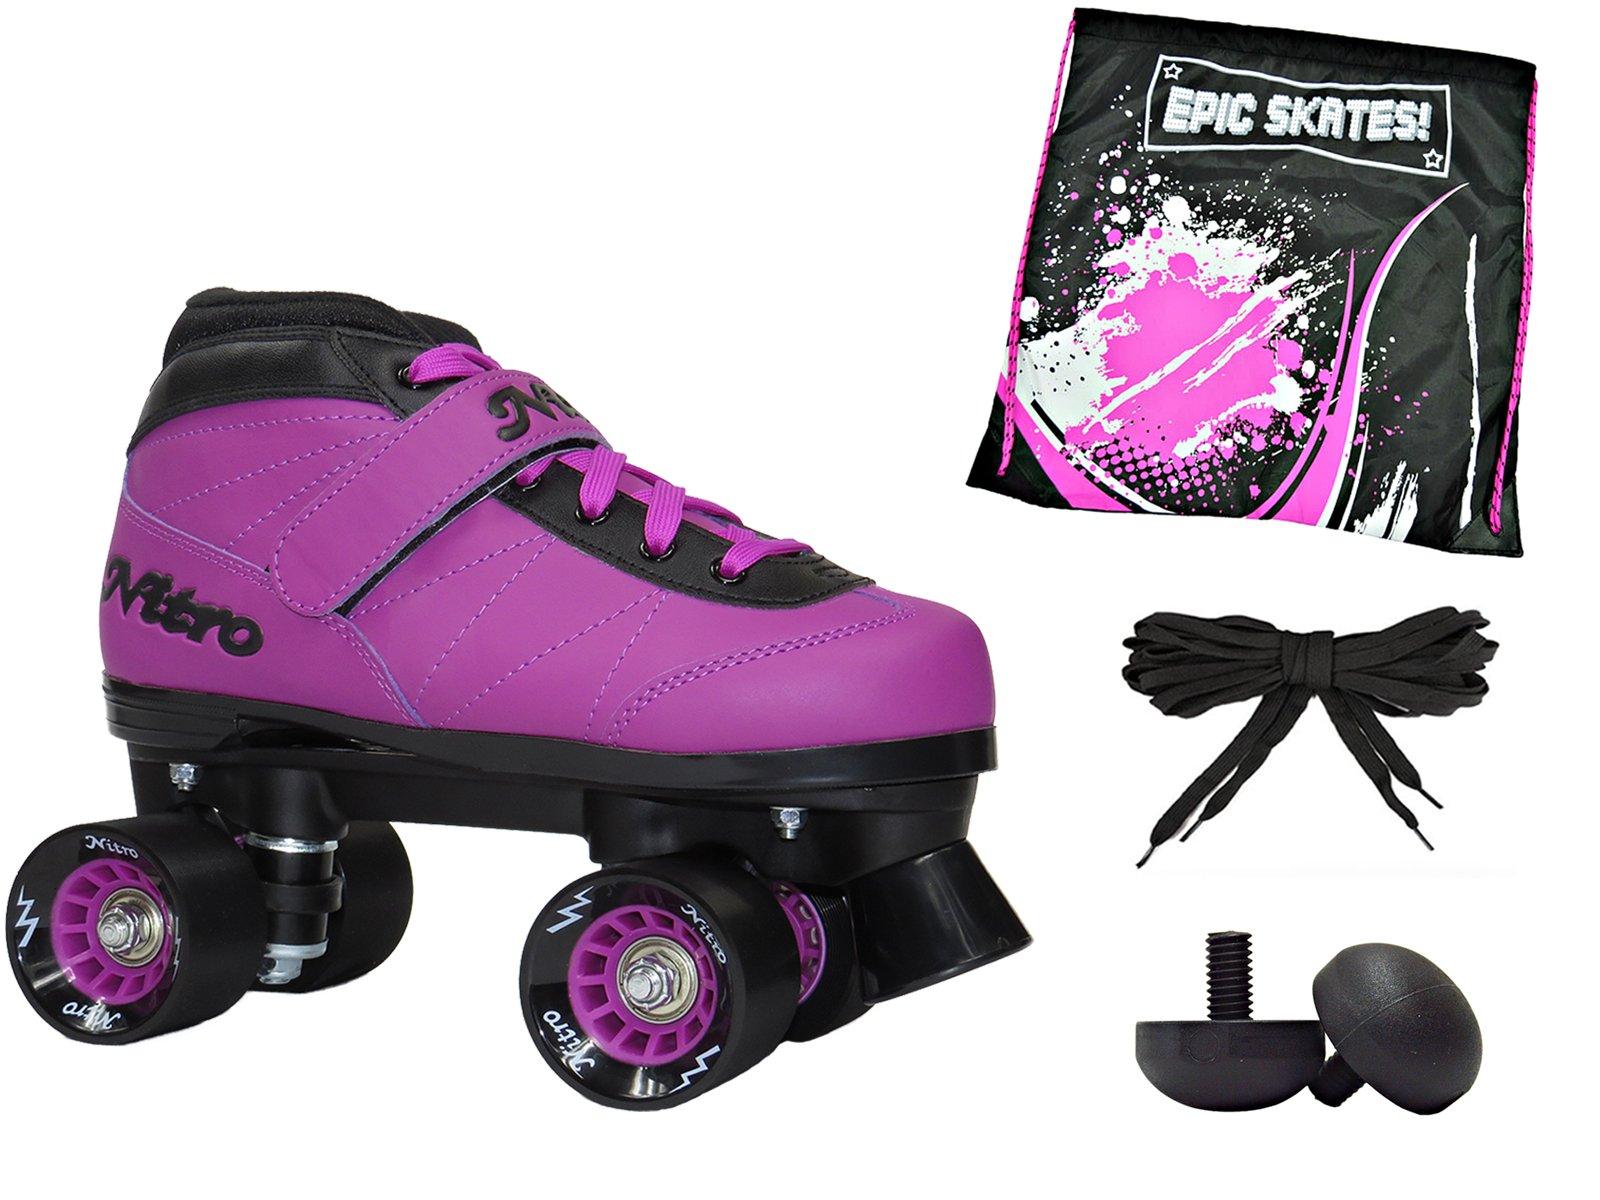 Epic Nitro Turbo Purple Indoor Outdoor Quad Roller Speed Skates W/ Bonus Bag & Plugs! (Mens 8)